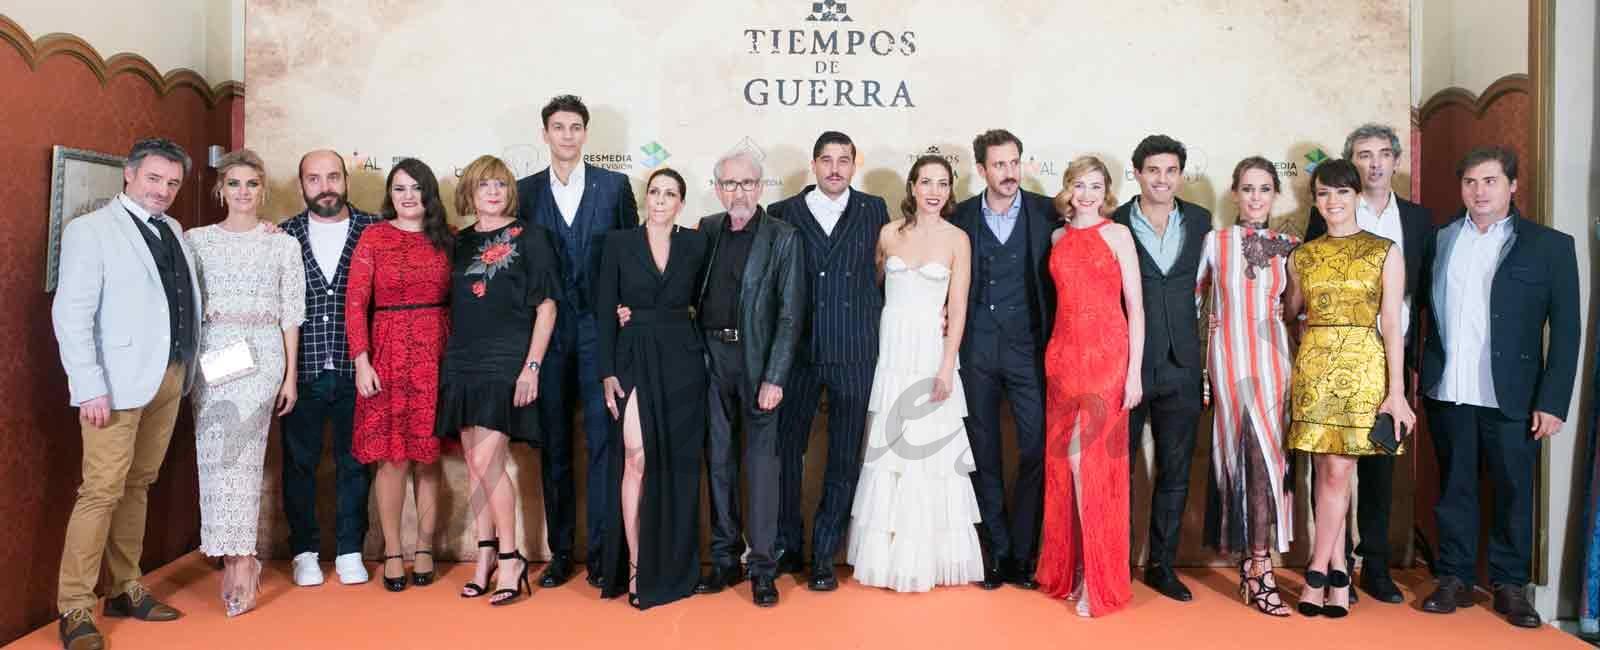 Amaia Salamanca estrena «Tiempos de guerra» en el FesTVal